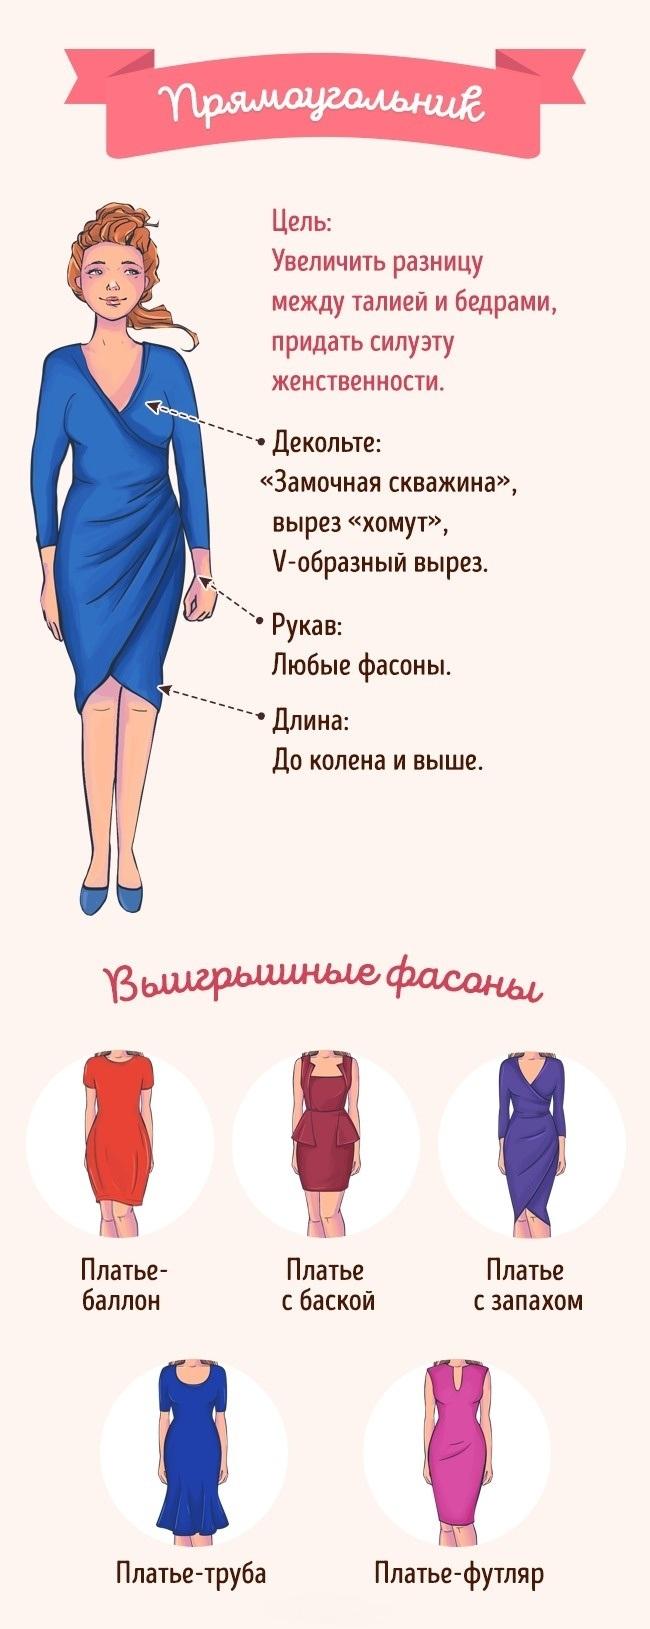 подобрать платье для широких плеч